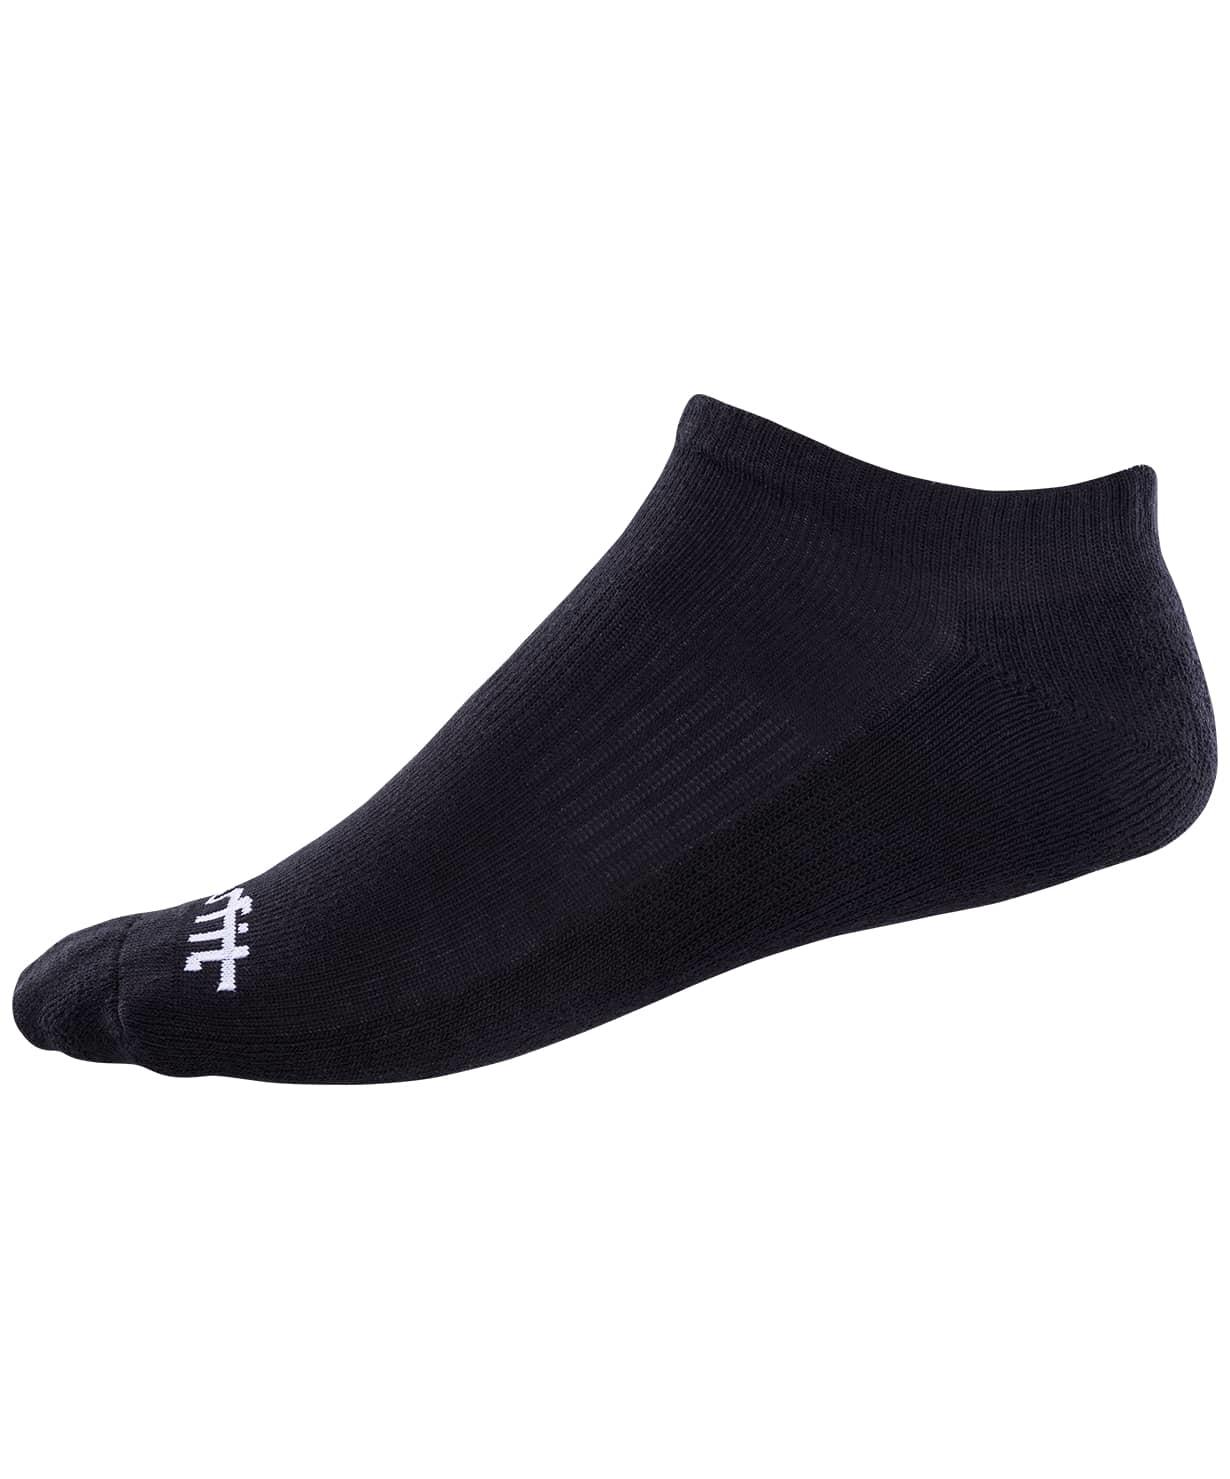 Носки низкие c амортизацией SW-207, черный, 2 пары